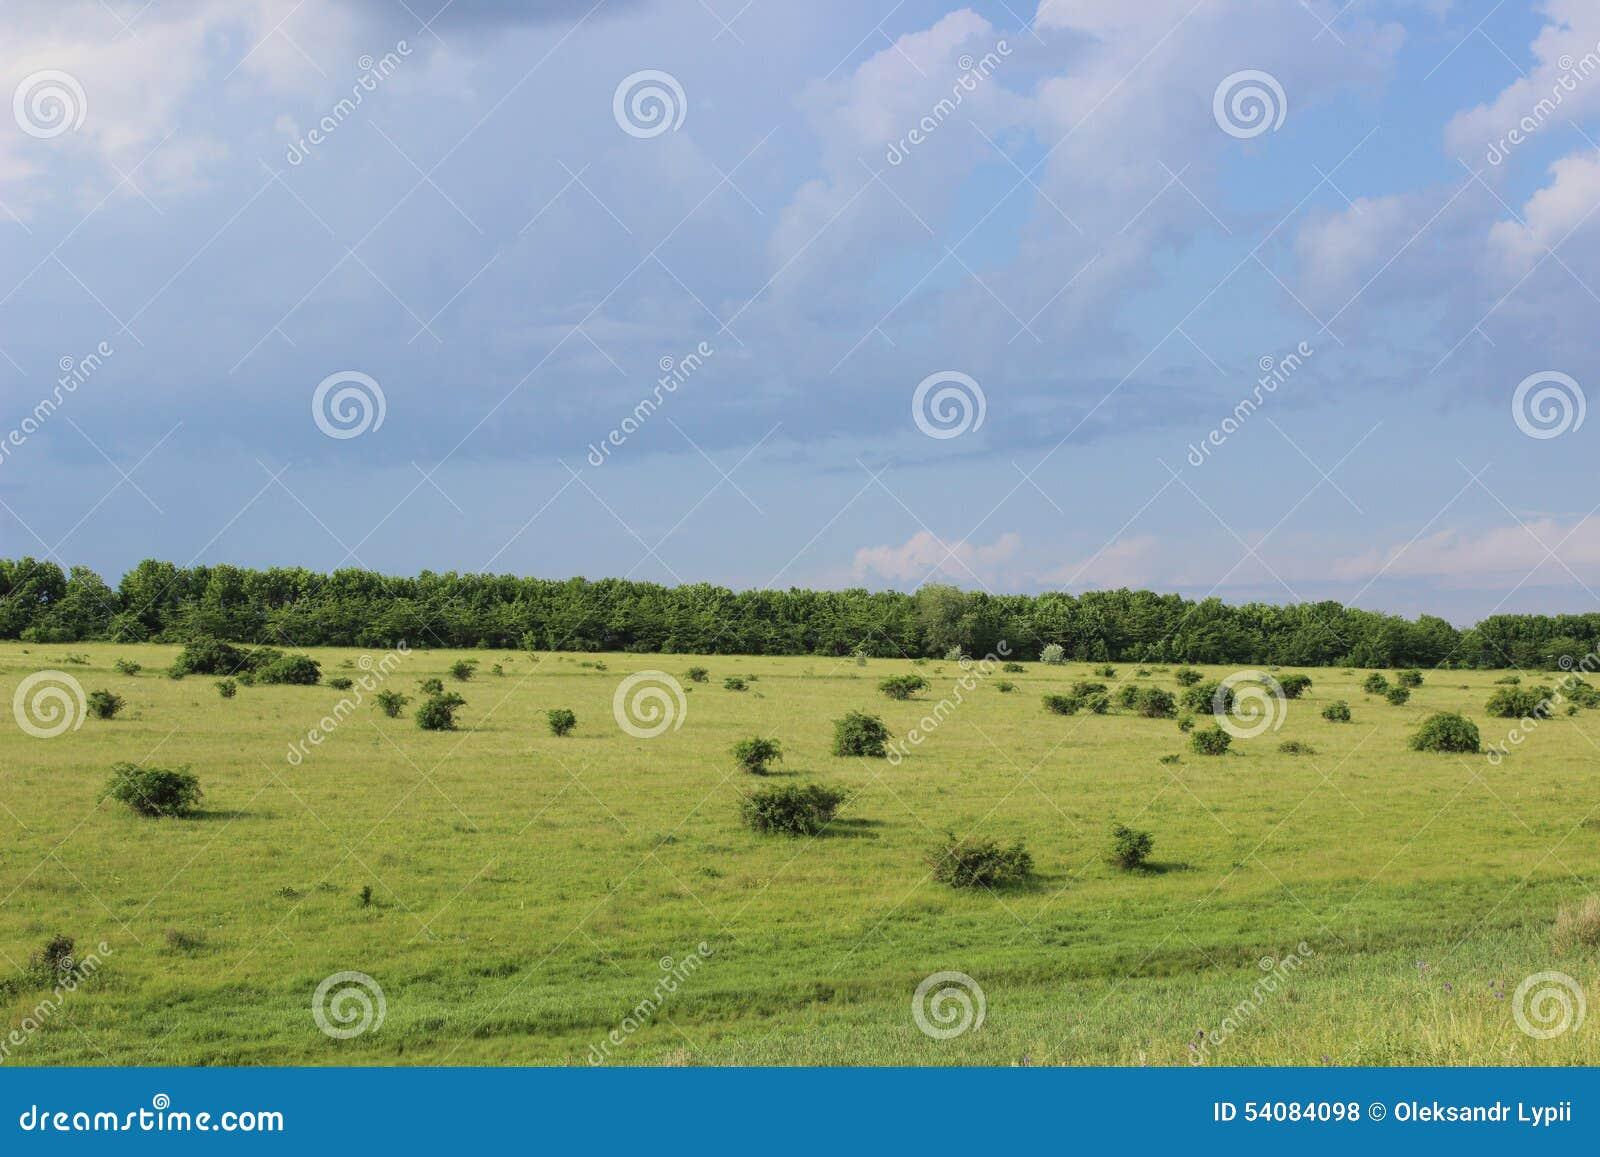 Groen gazon met struiken